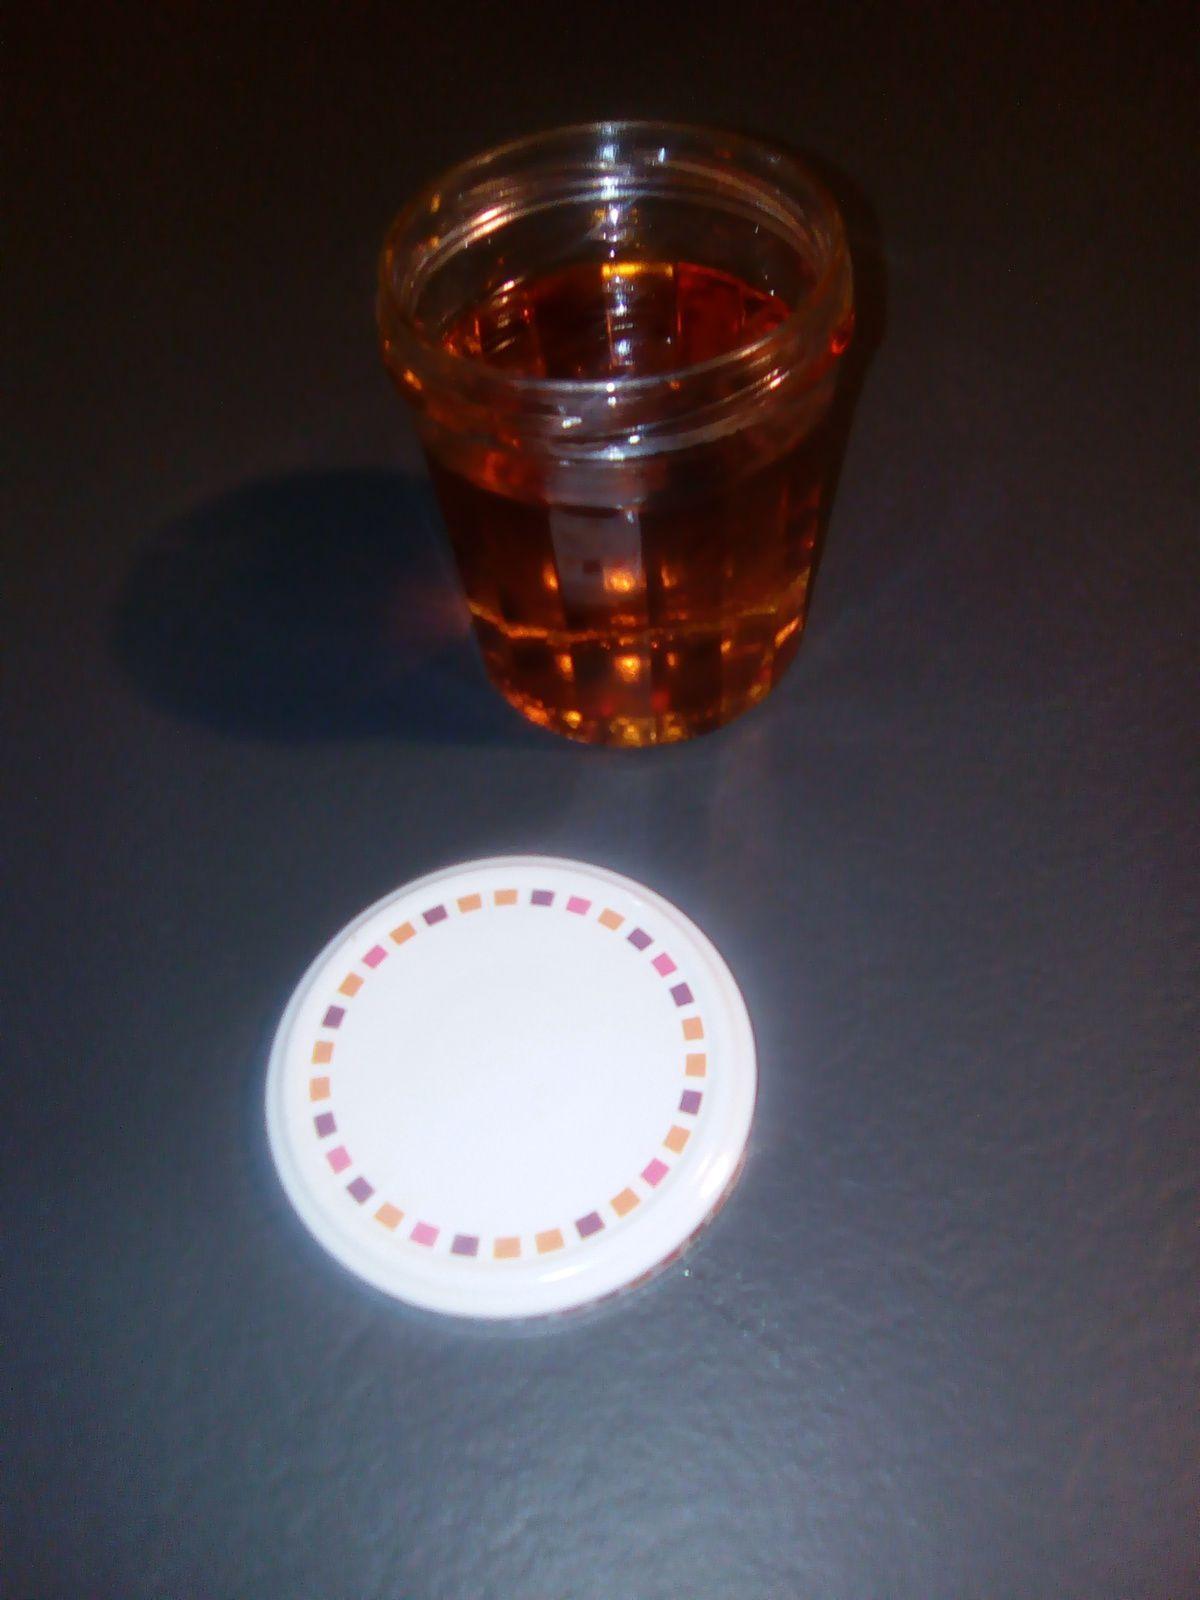 Caramel liquide qui ne durcit pas